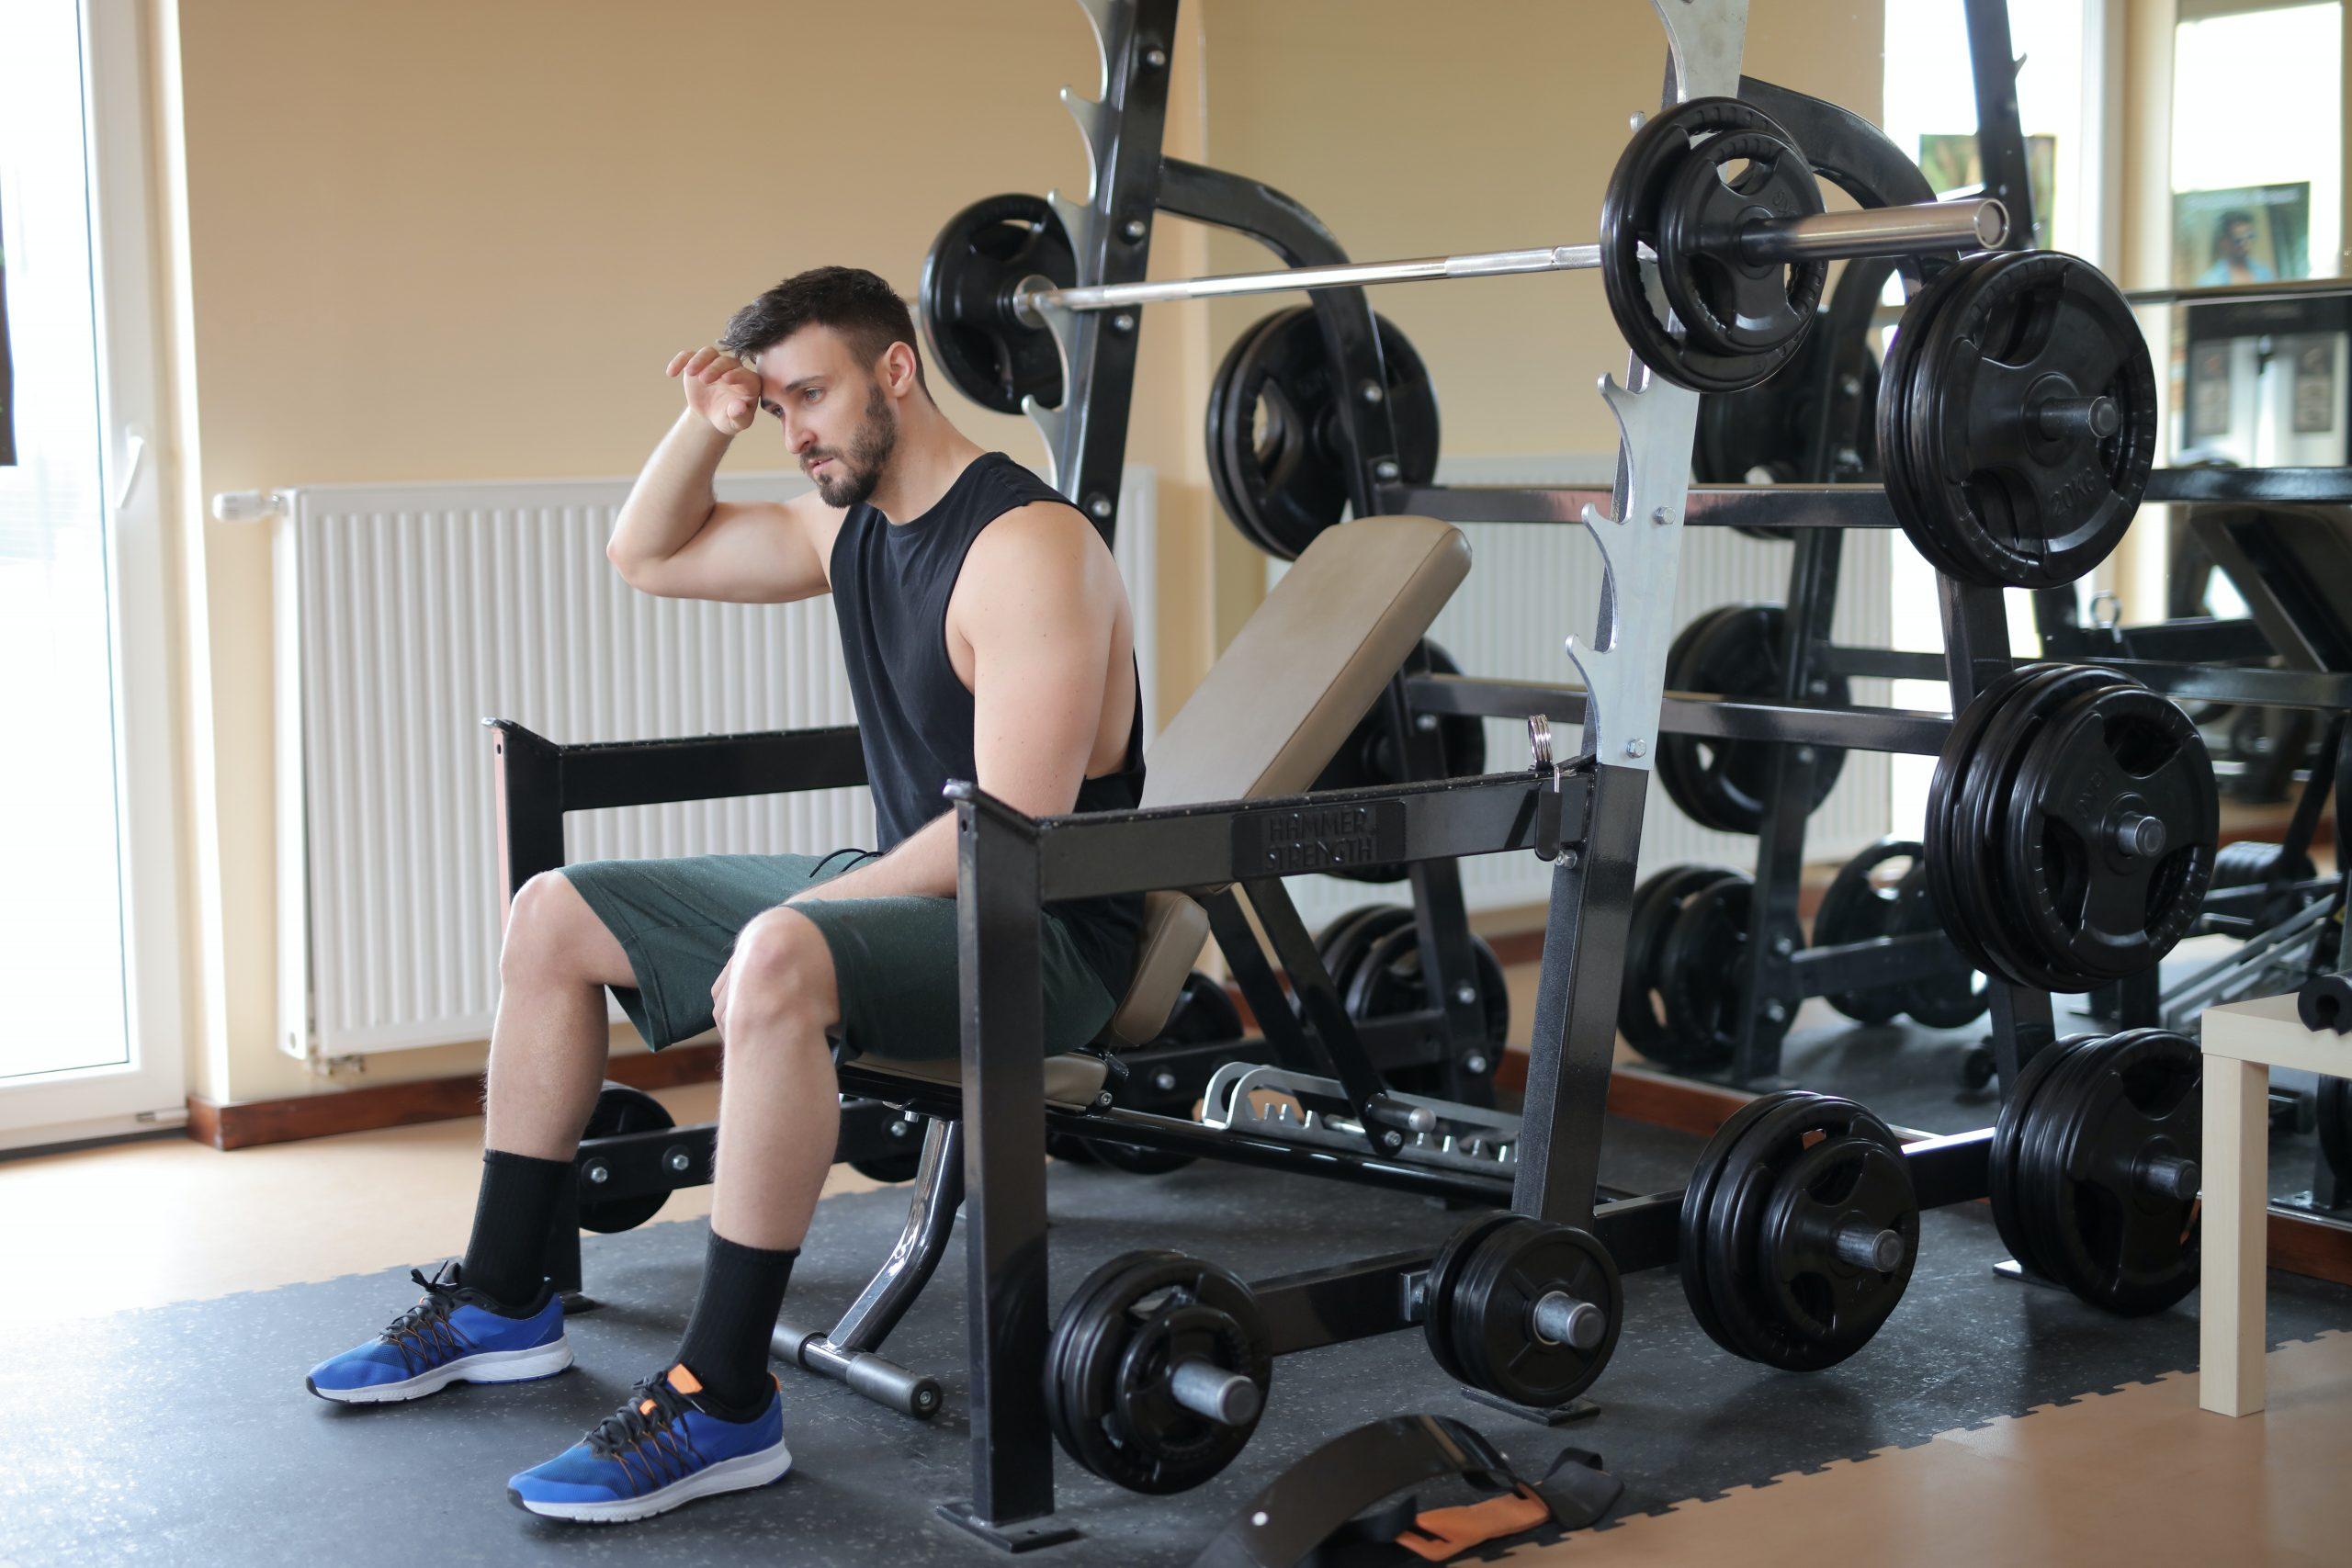 Homem com roupa esportiva sentado no banco da estação de musculação após fazer exercícios